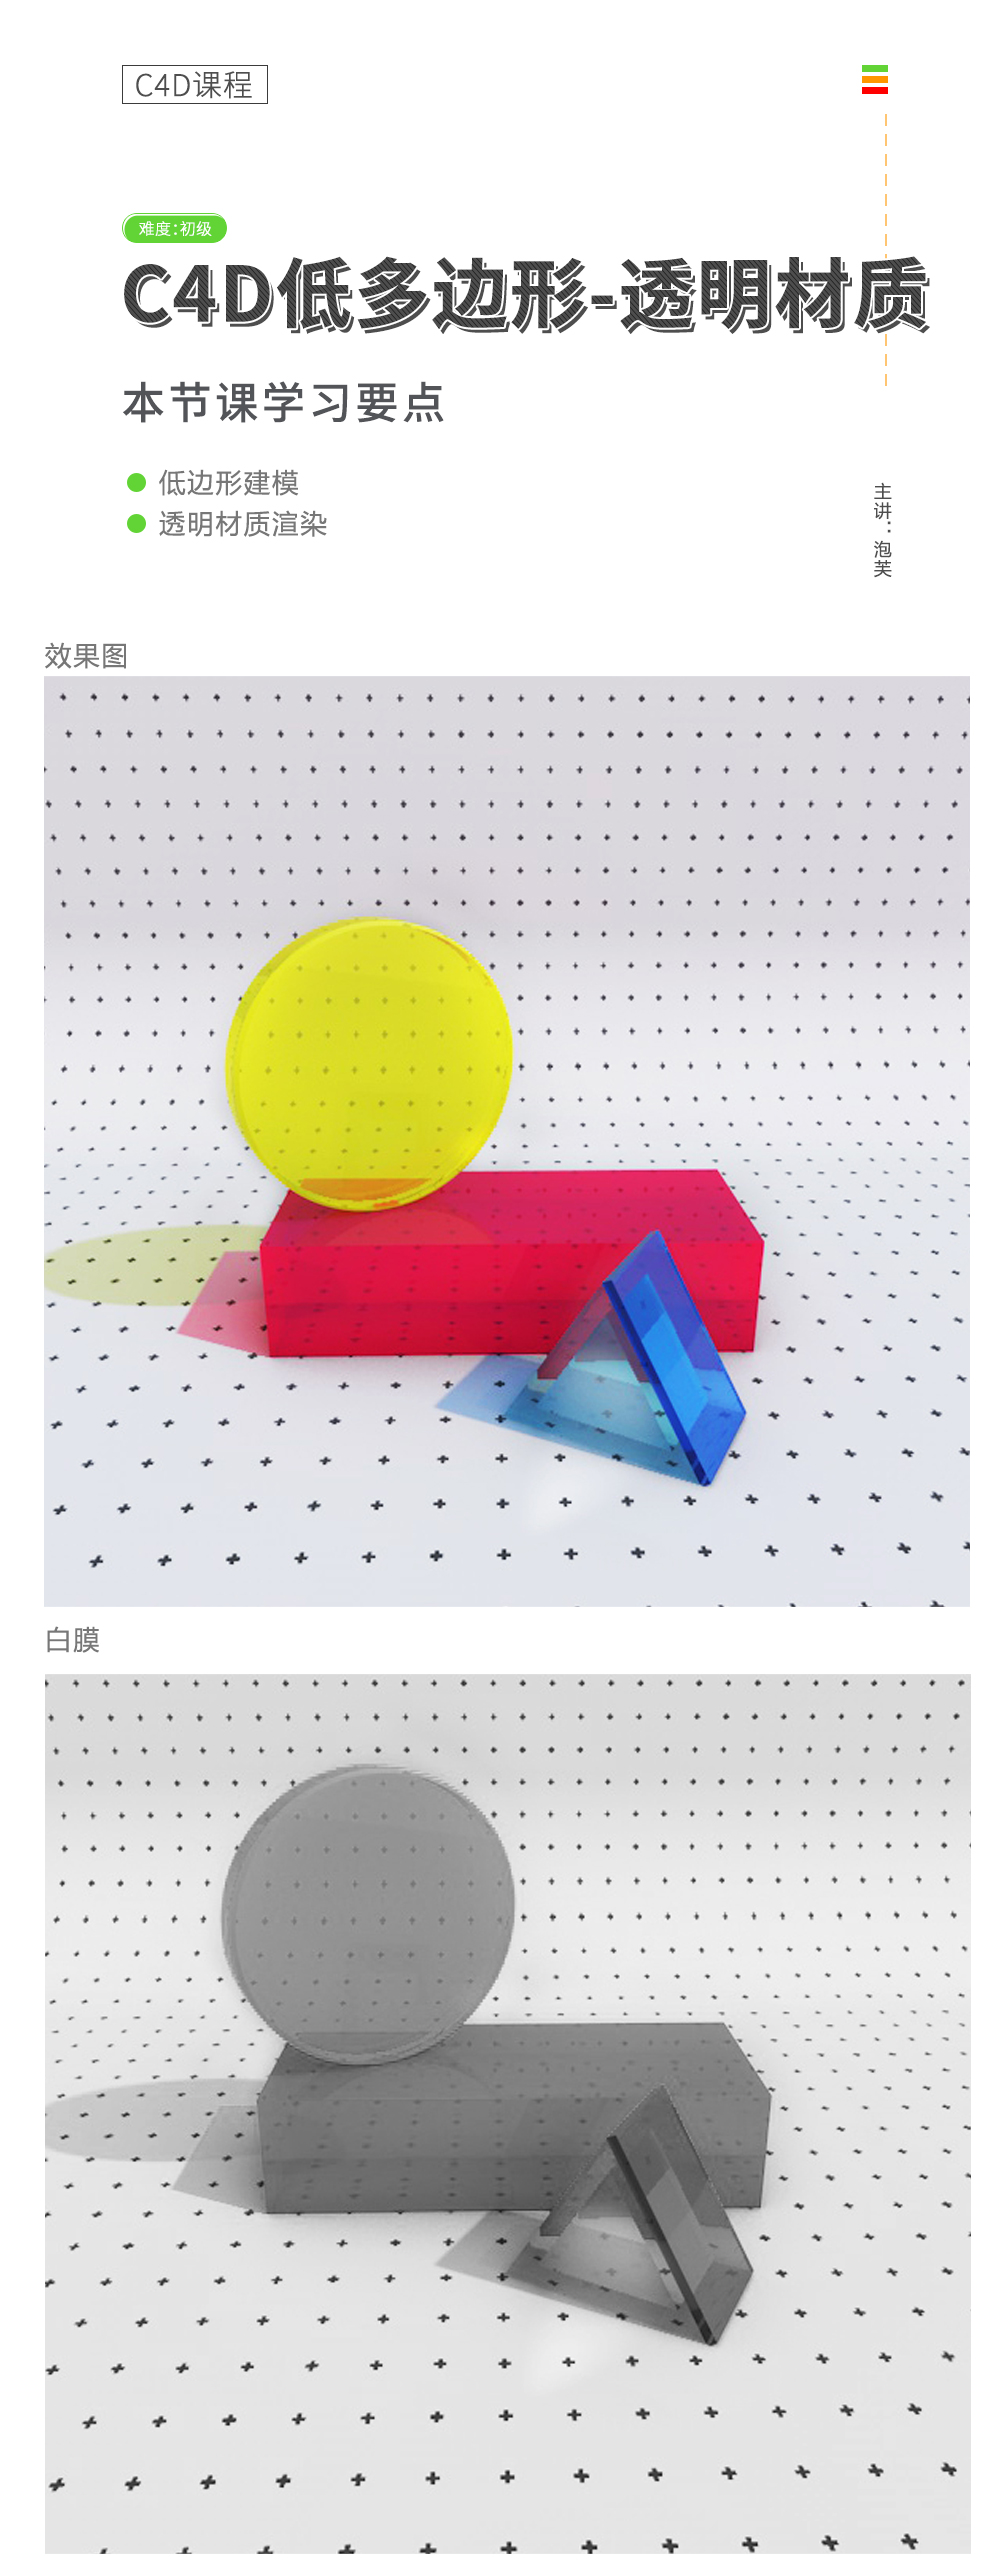 低多边形透明材质课程详情页.jpg/